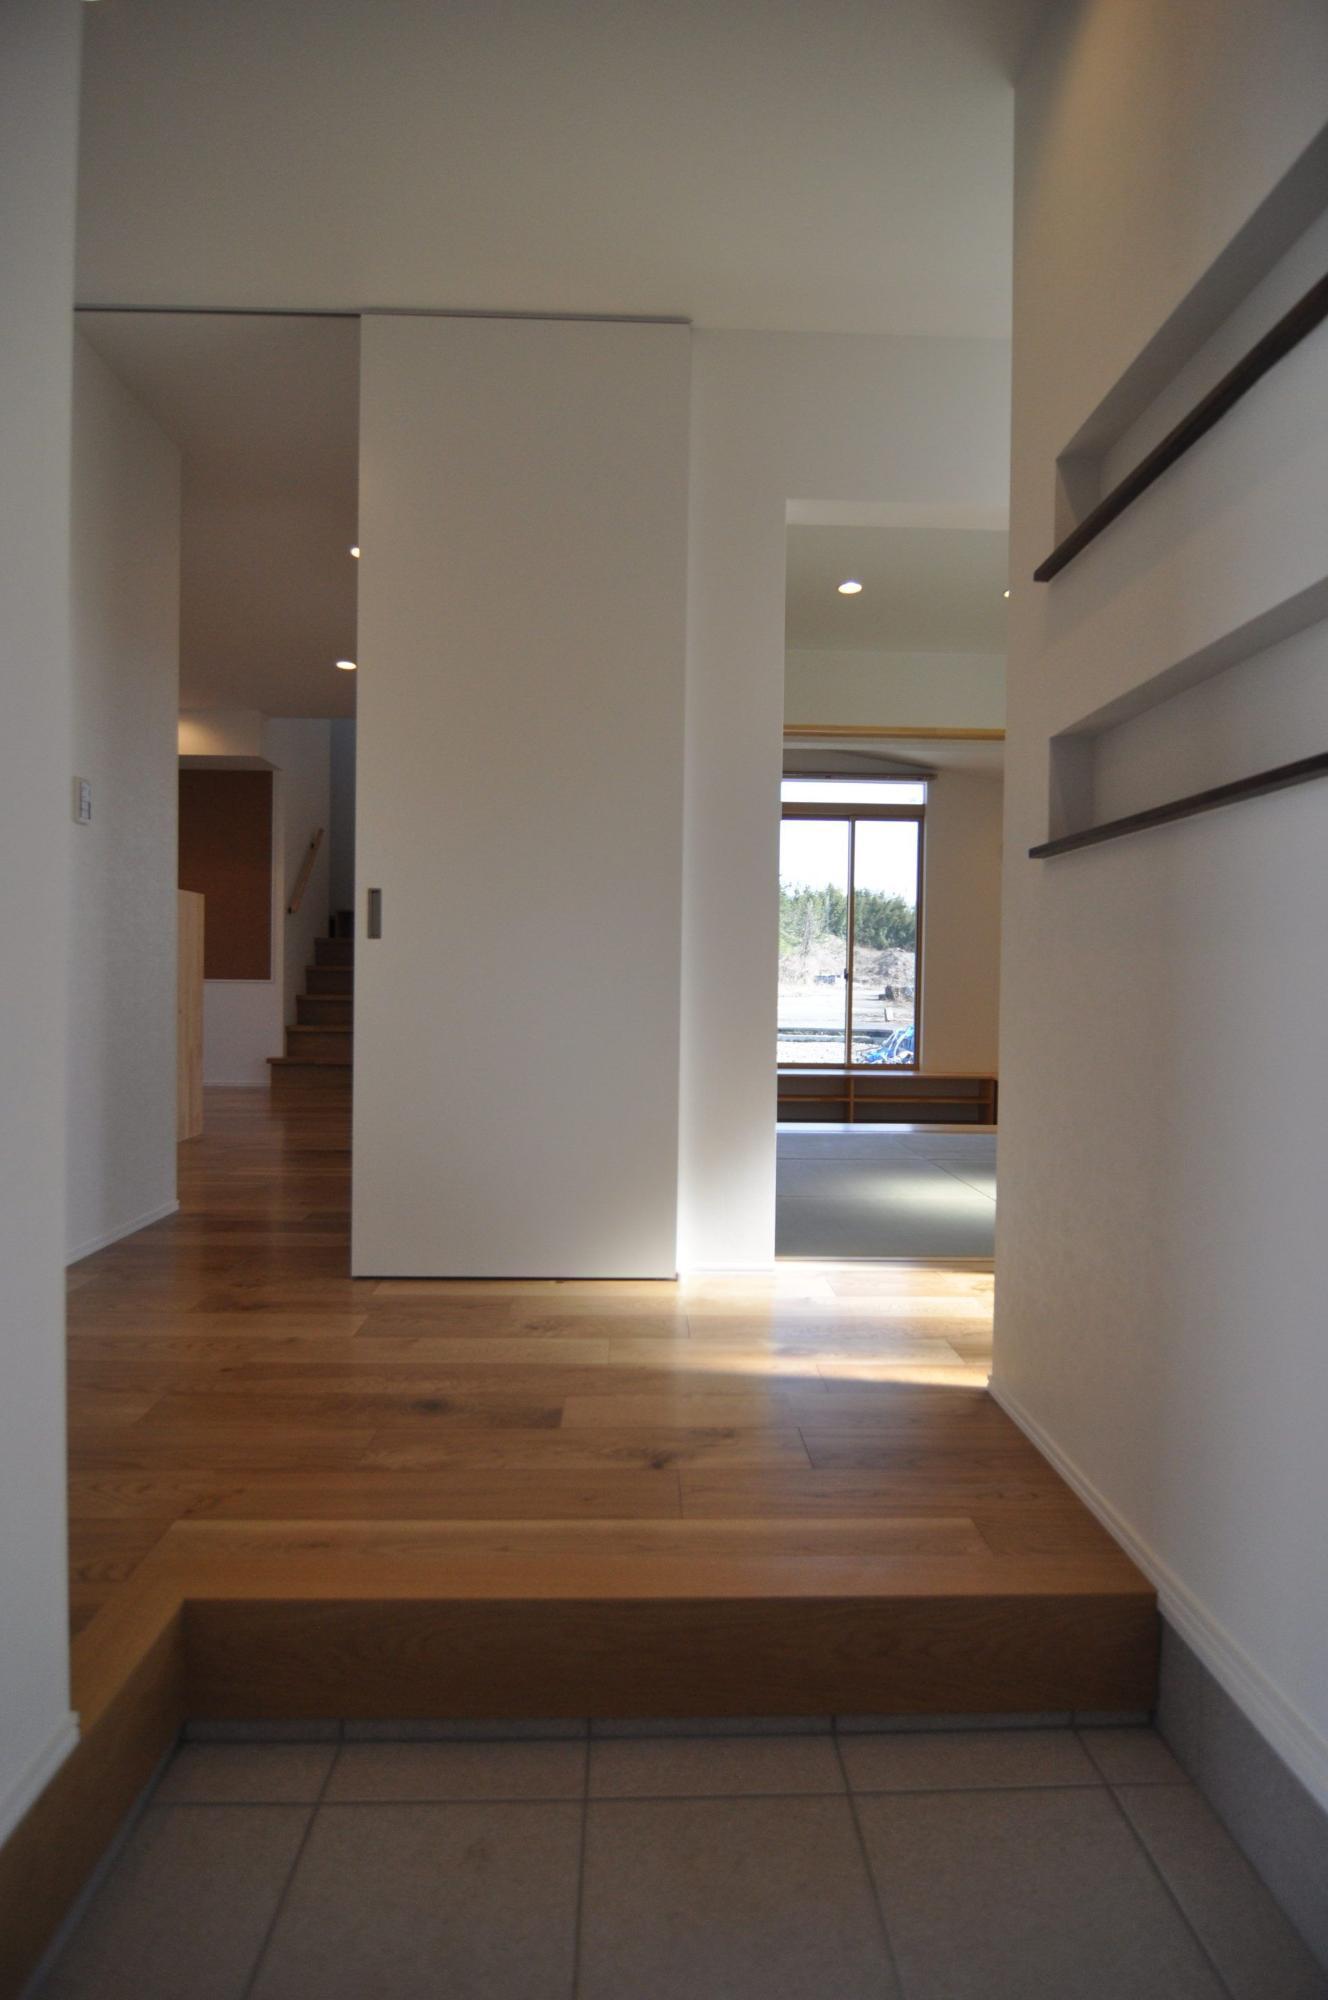 有限会社 市川建築店 1級建築士事務所「加茂市 Y様邸」のシンプル・ナチュラルな玄関の実例写真